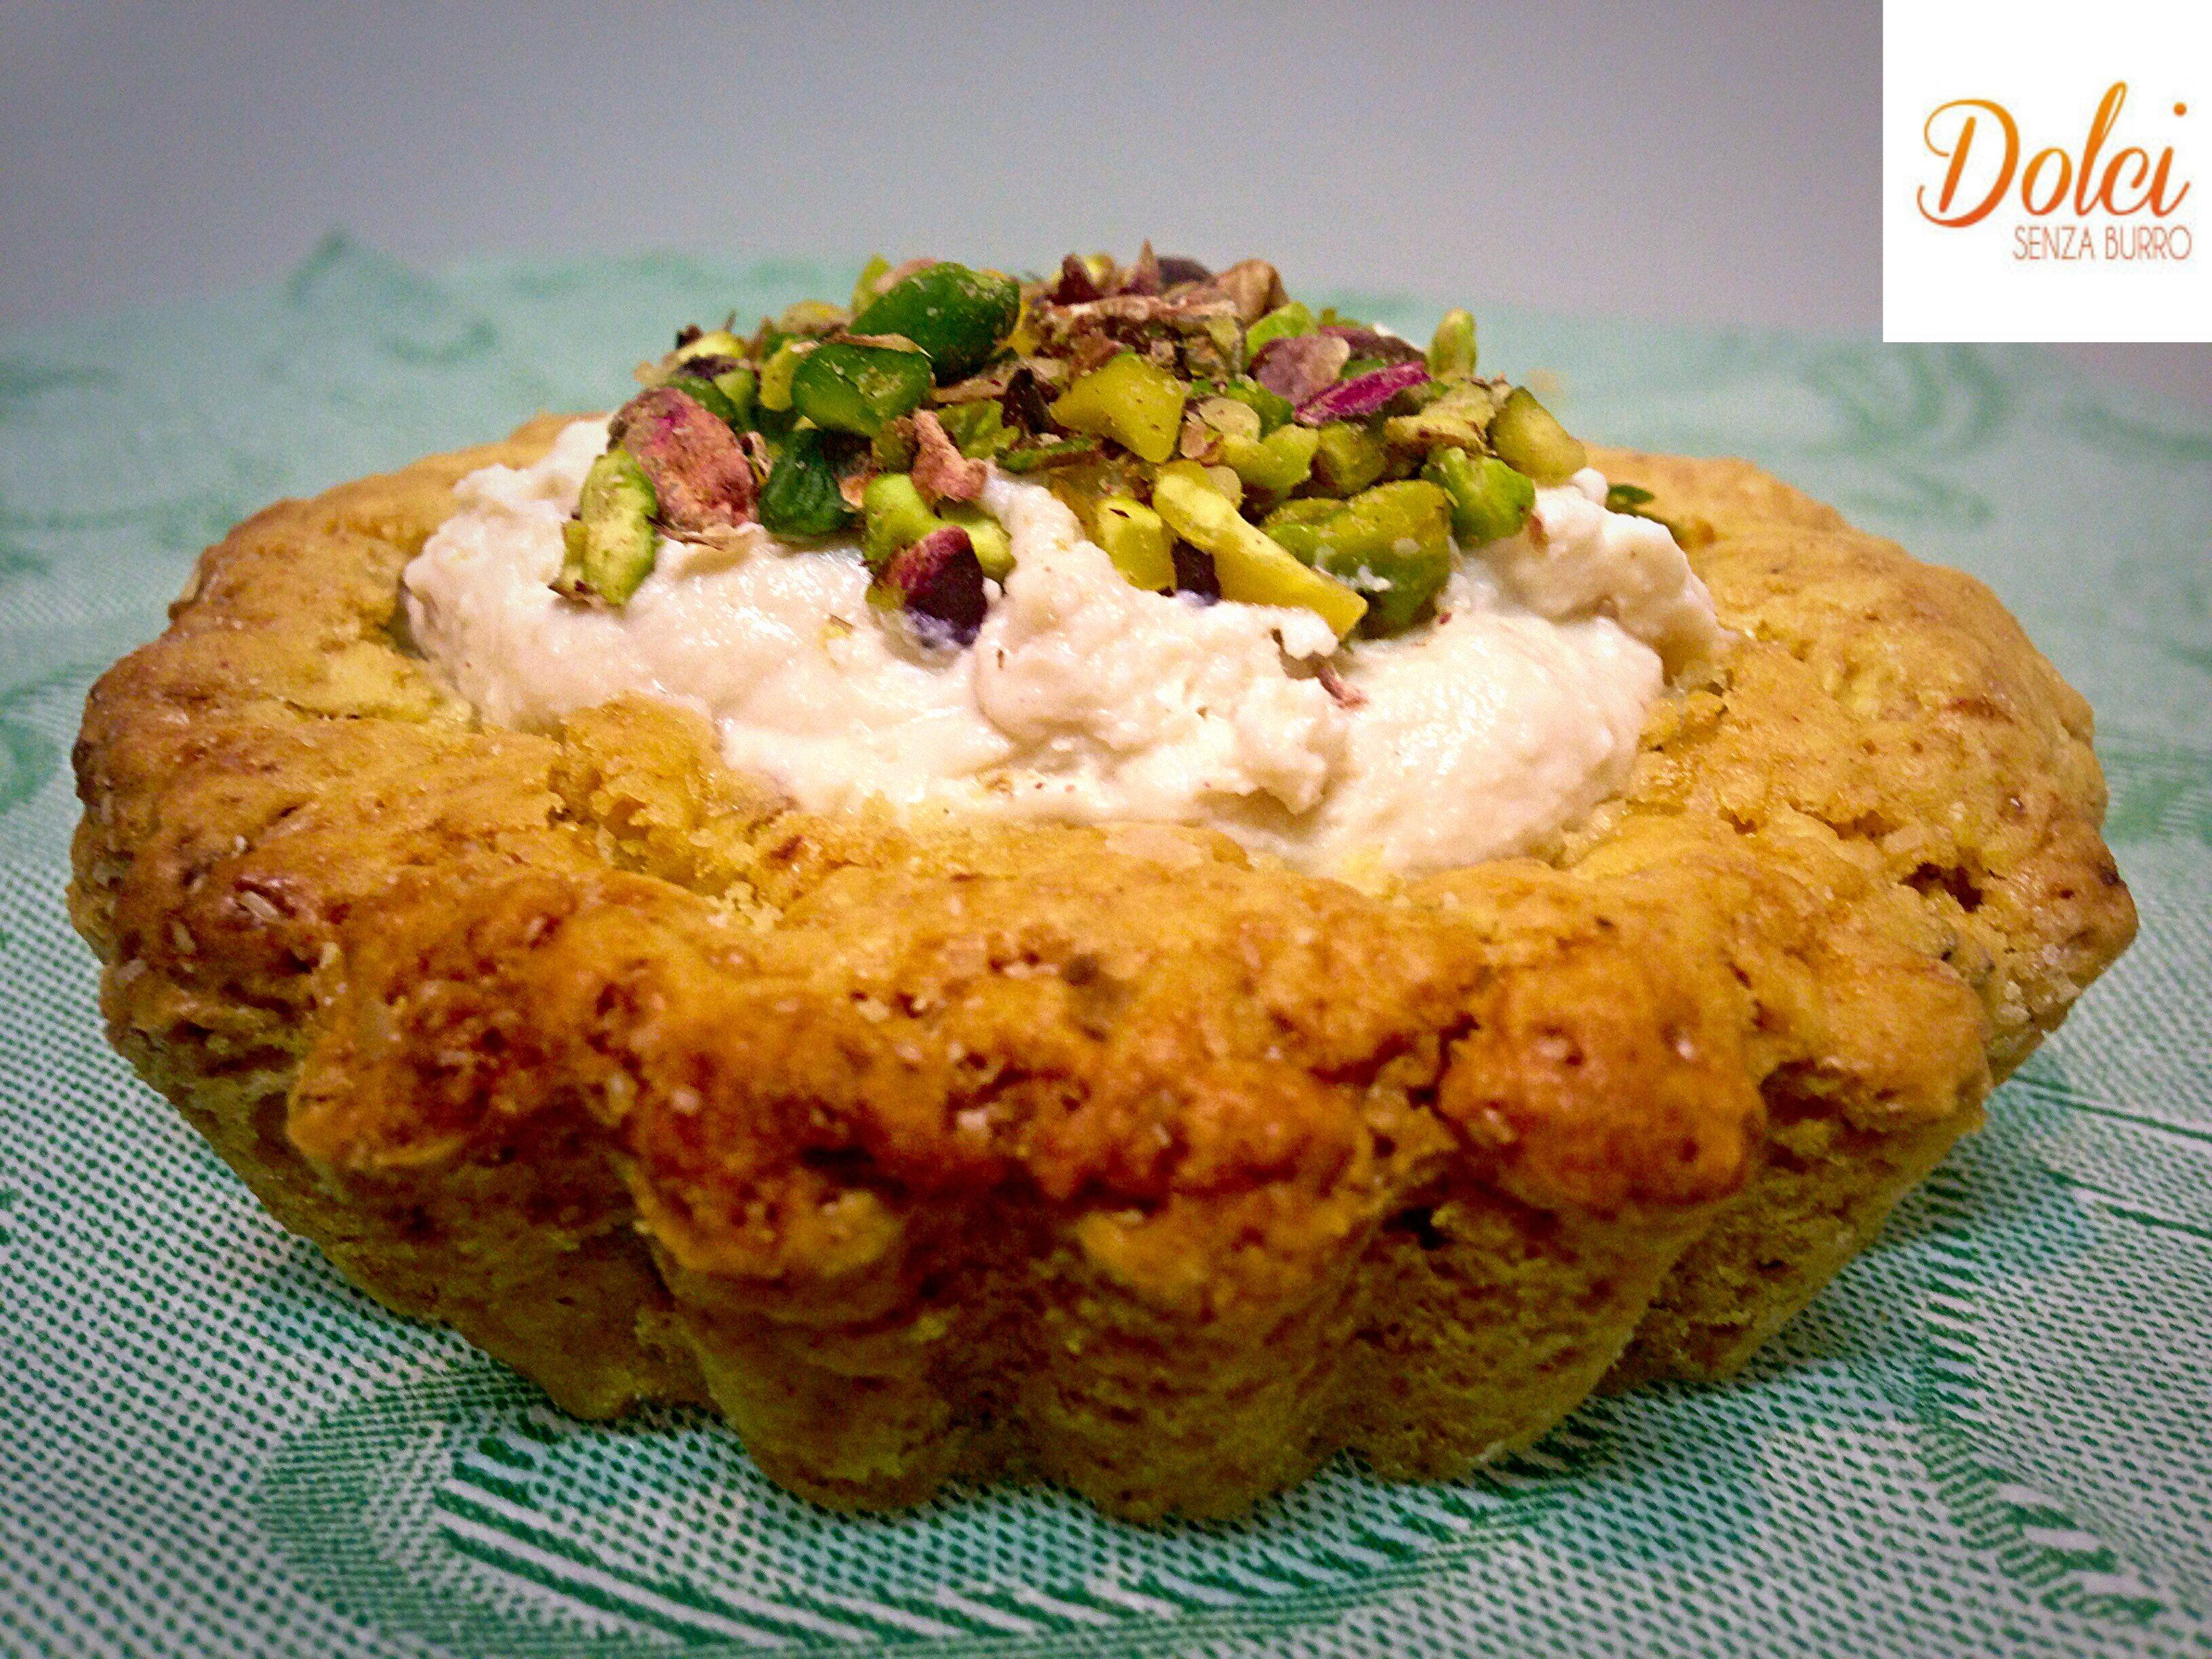 Tartellette di Pasta Frolla Senza Burro al Pistacchio e Ricotta il dolce goloso di dolci senza burro